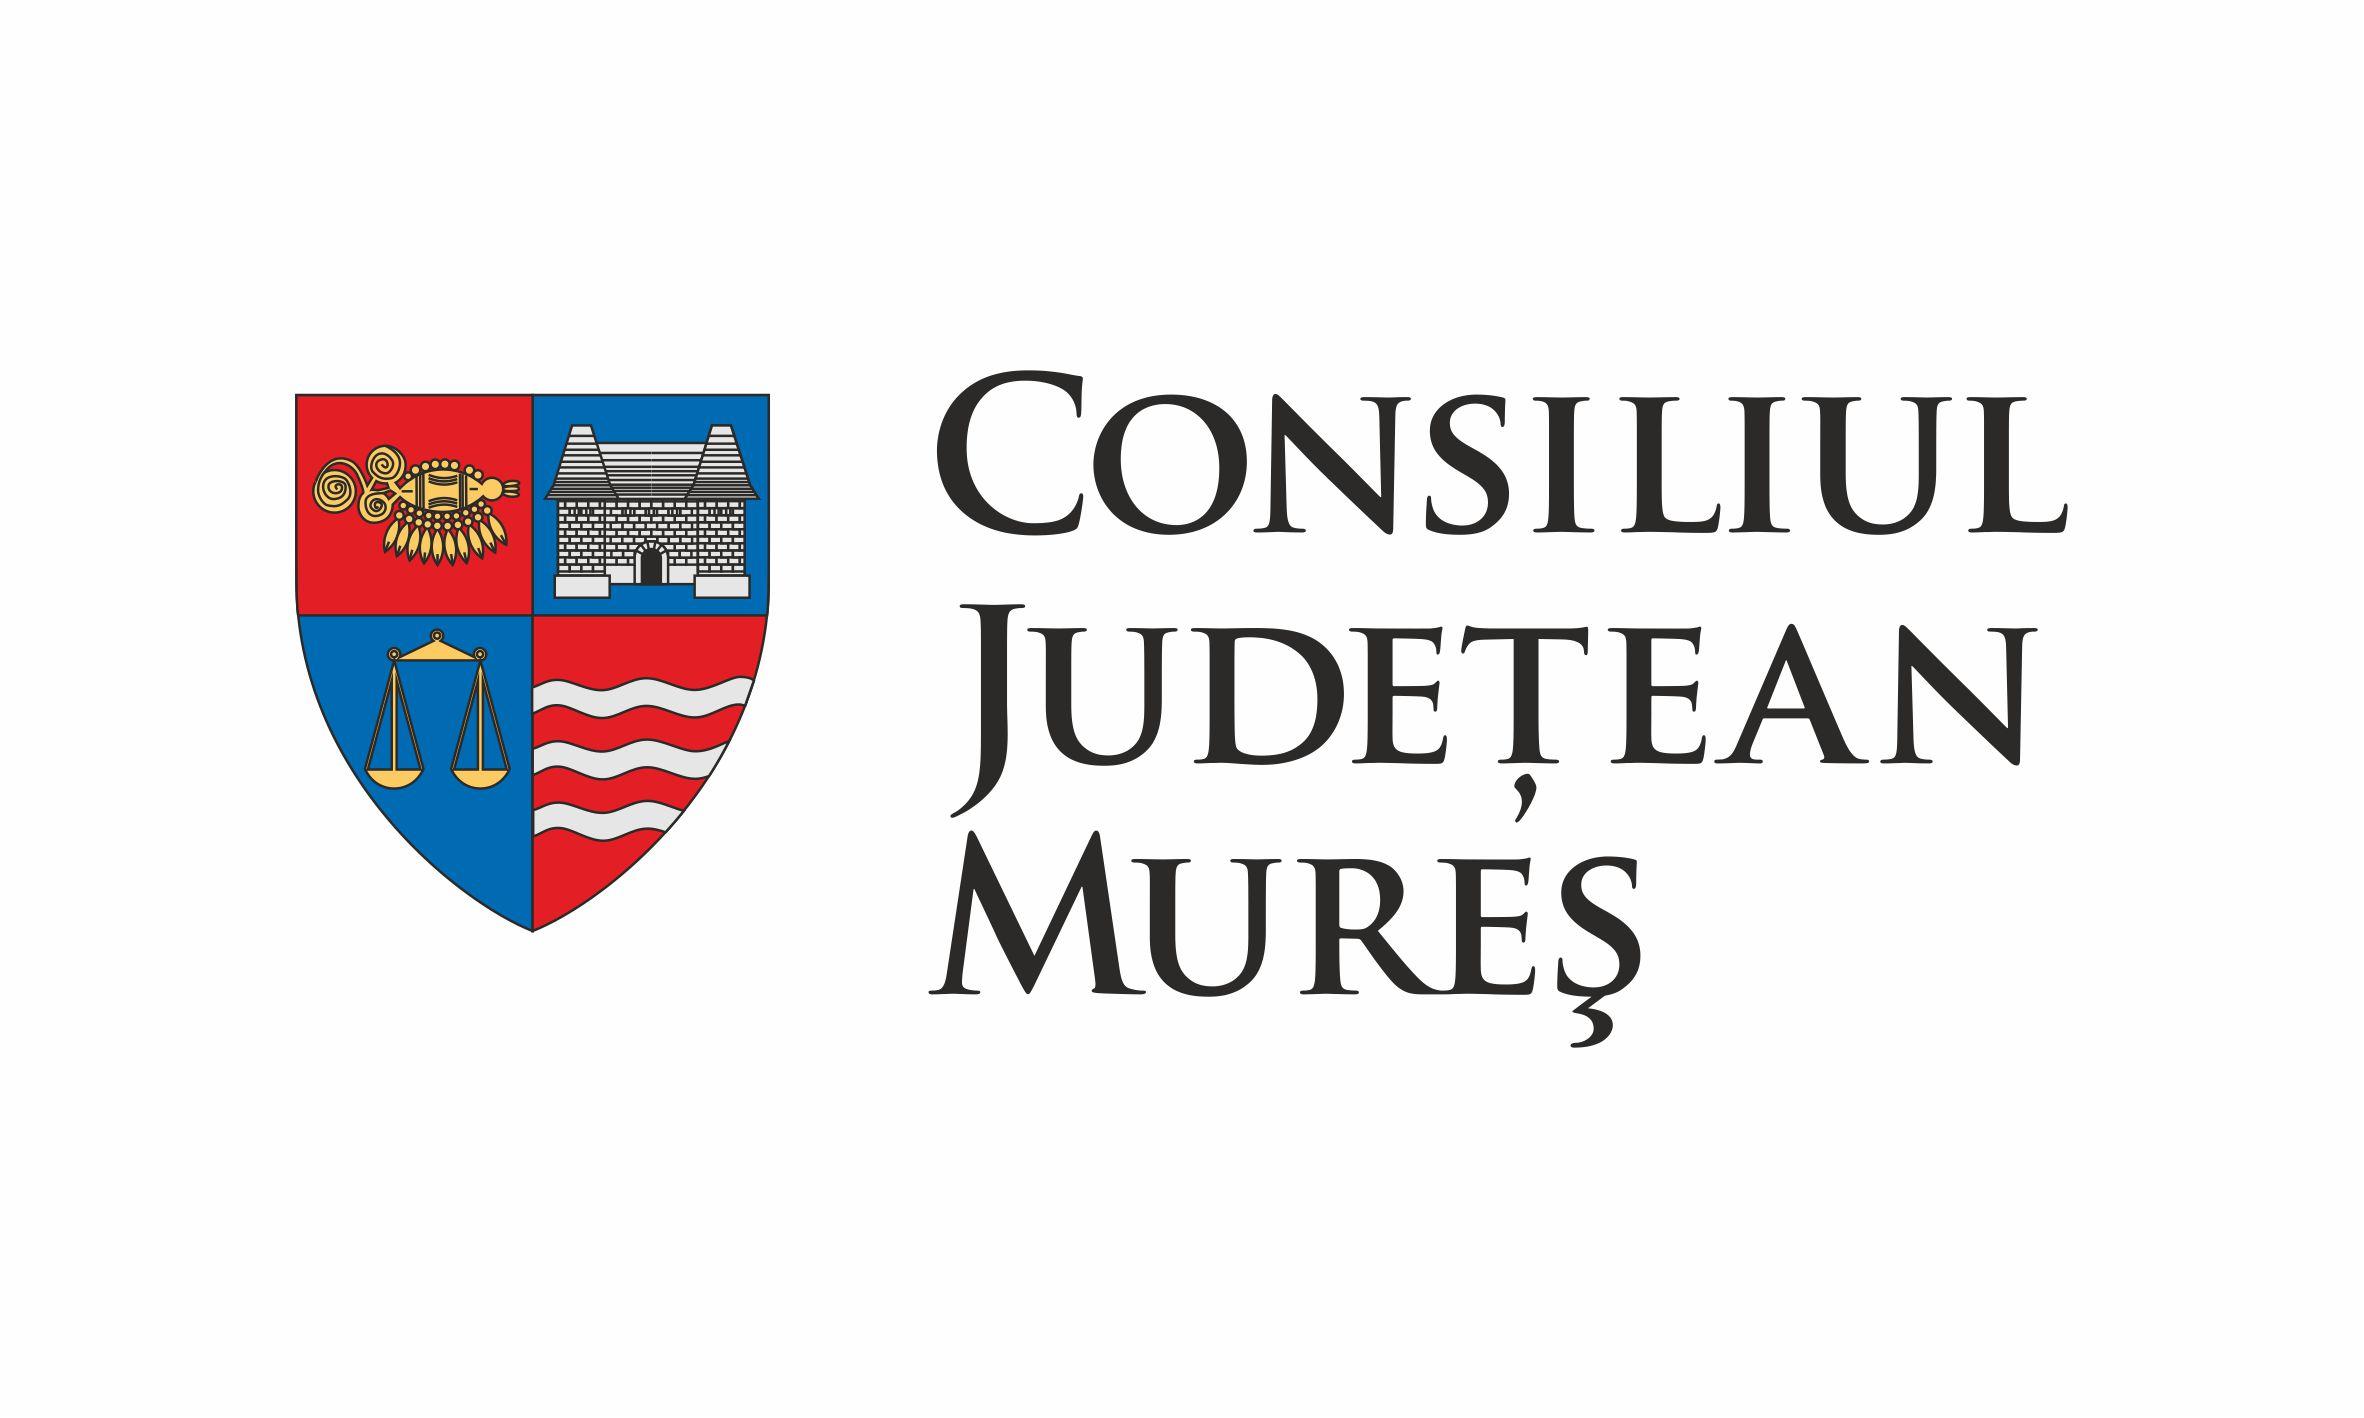 Consiliul Judetean Tirgu Mures